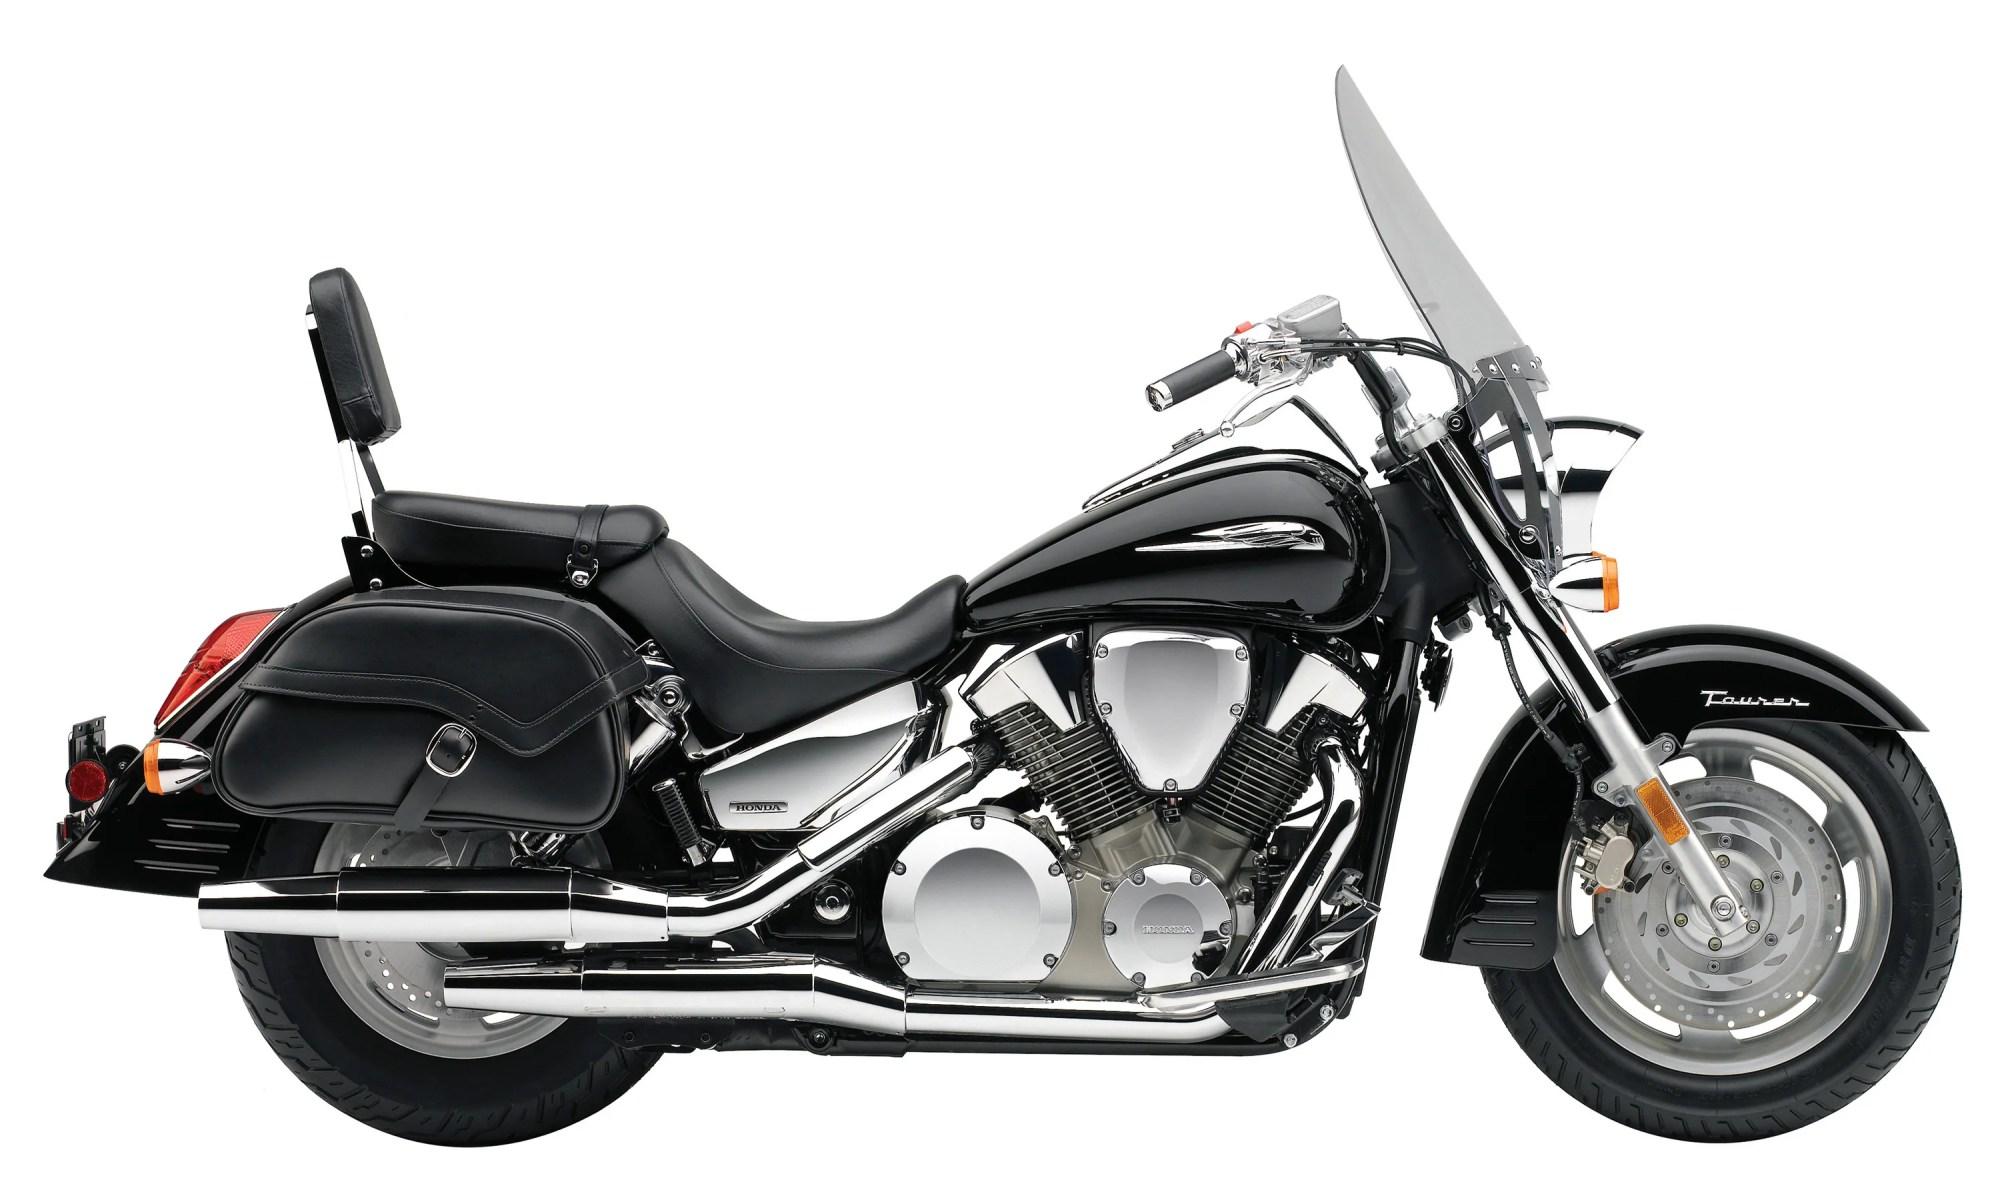 hight resolution of 2009 honda vtx1300 top speed